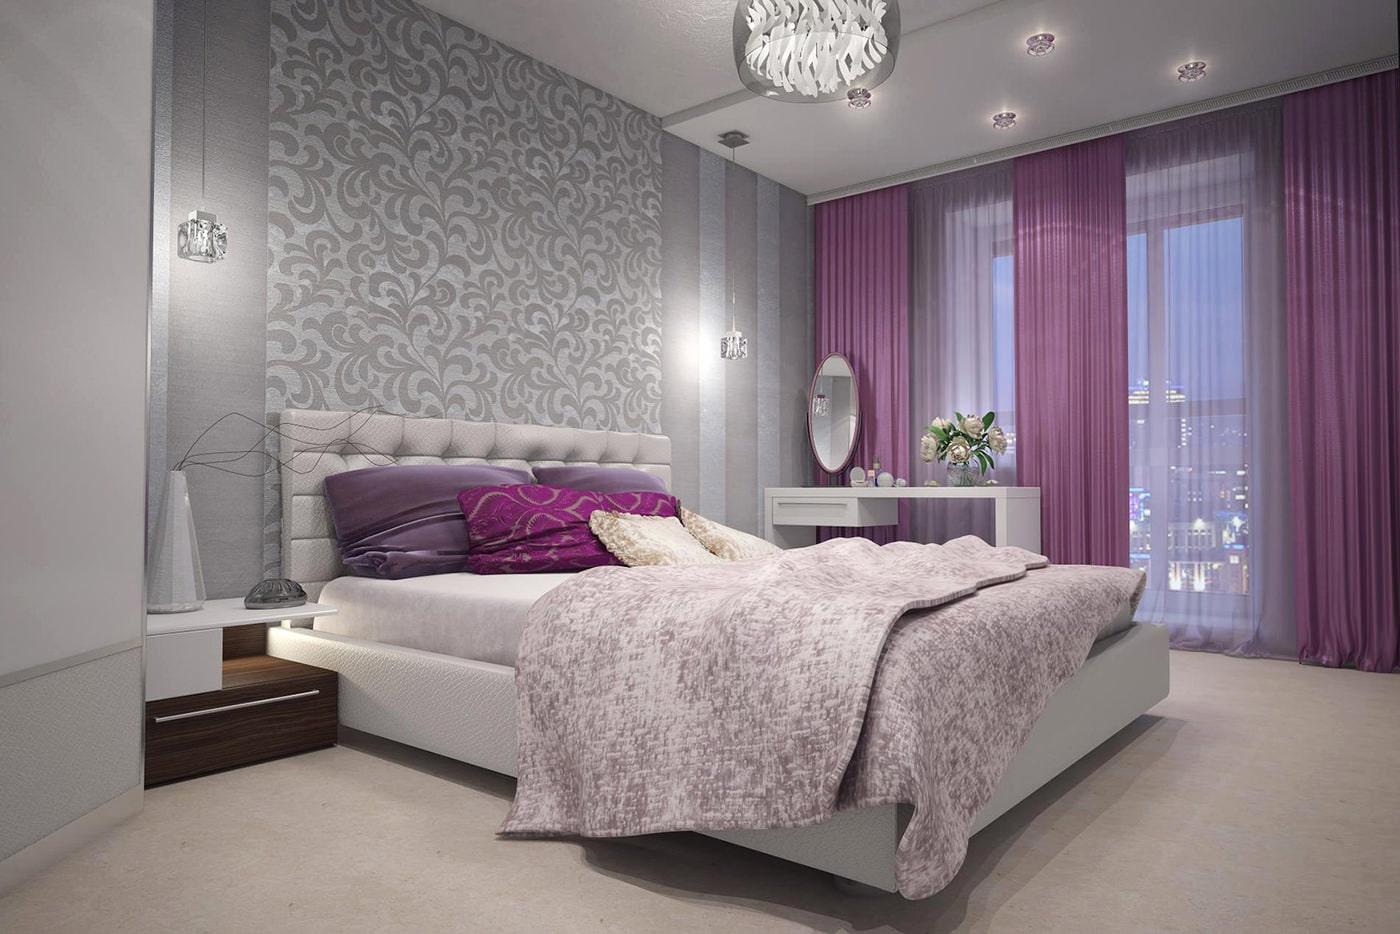 розовые обои в спальне фото для постера